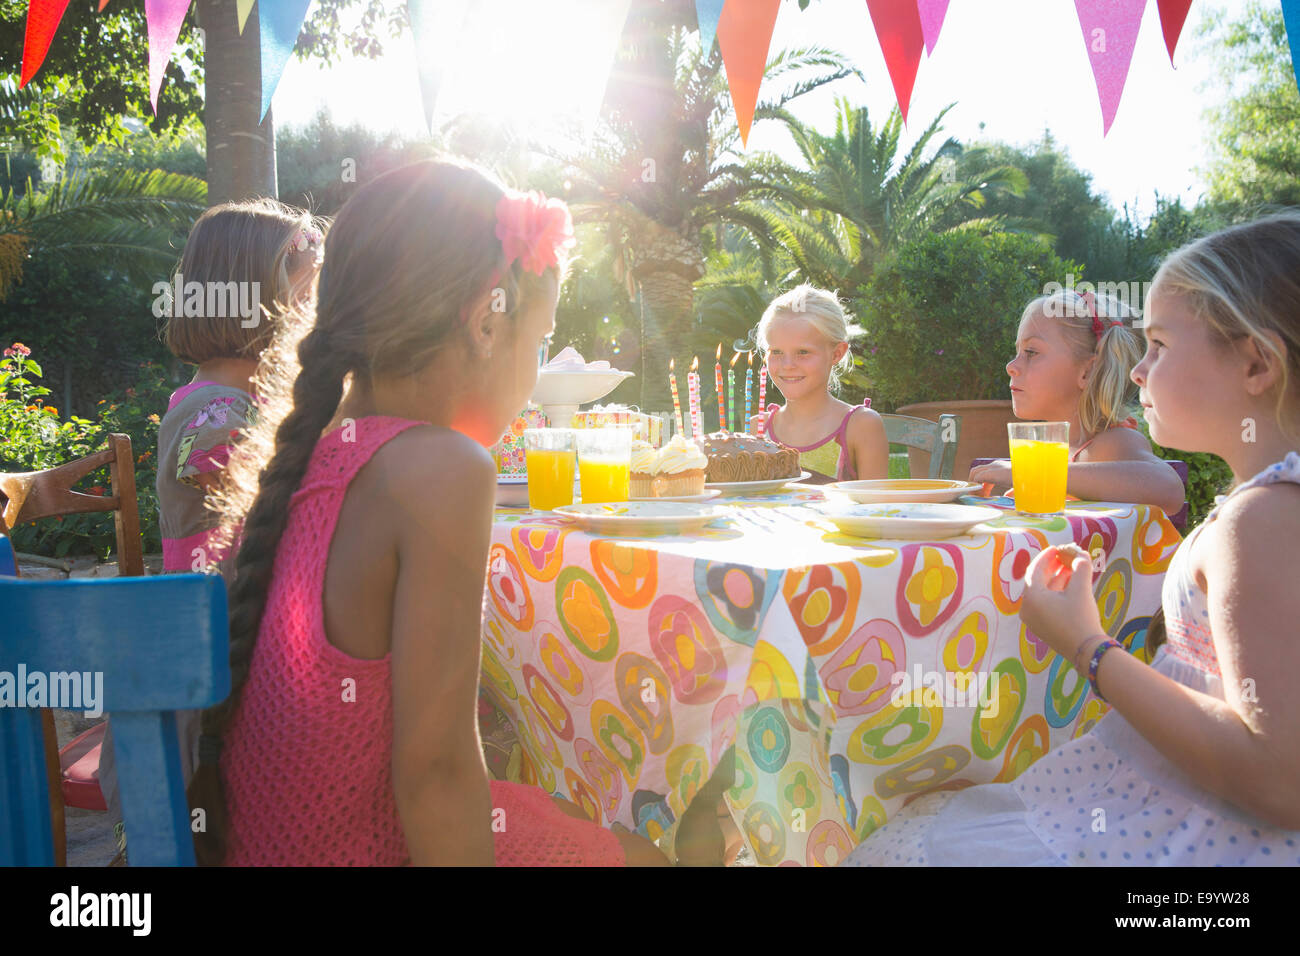 Las niñas sentados a la mesa con comida fiesta de cumpleaños Imagen De Stock